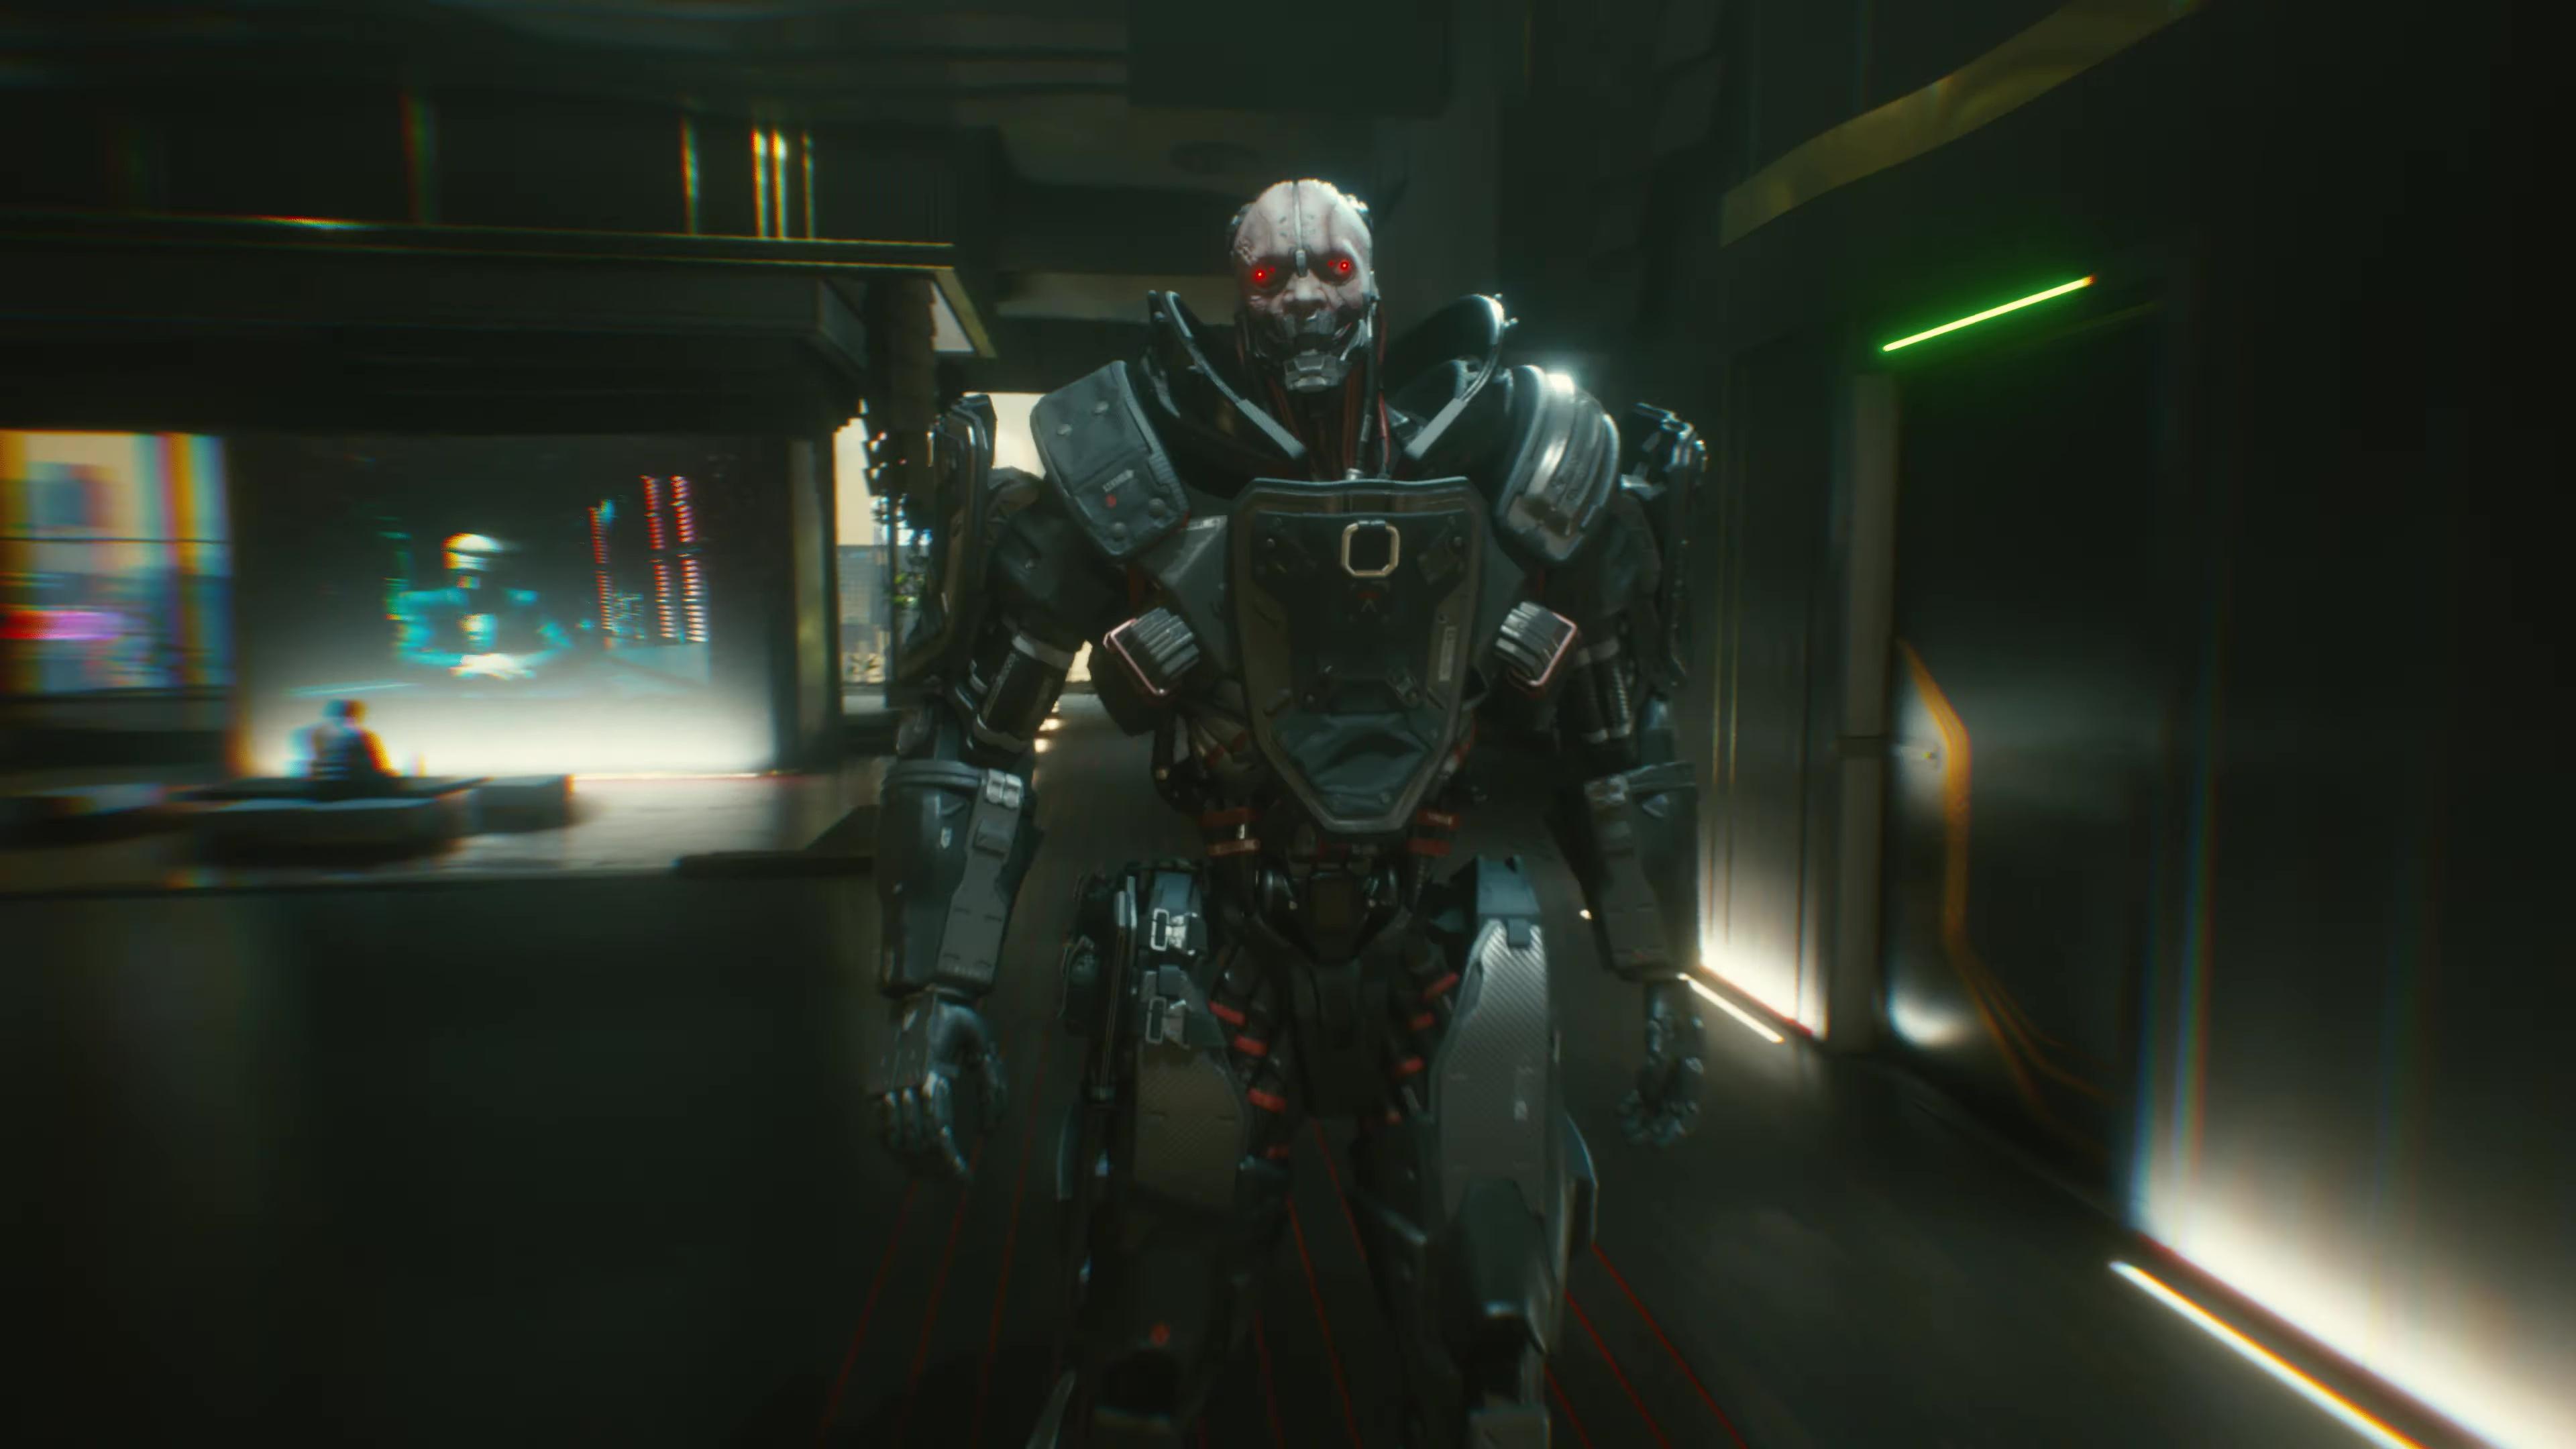 Секрет или баг? В Cyberpunk 2077 обнаружили тень одного из главных злодеев там, где её не должно быть